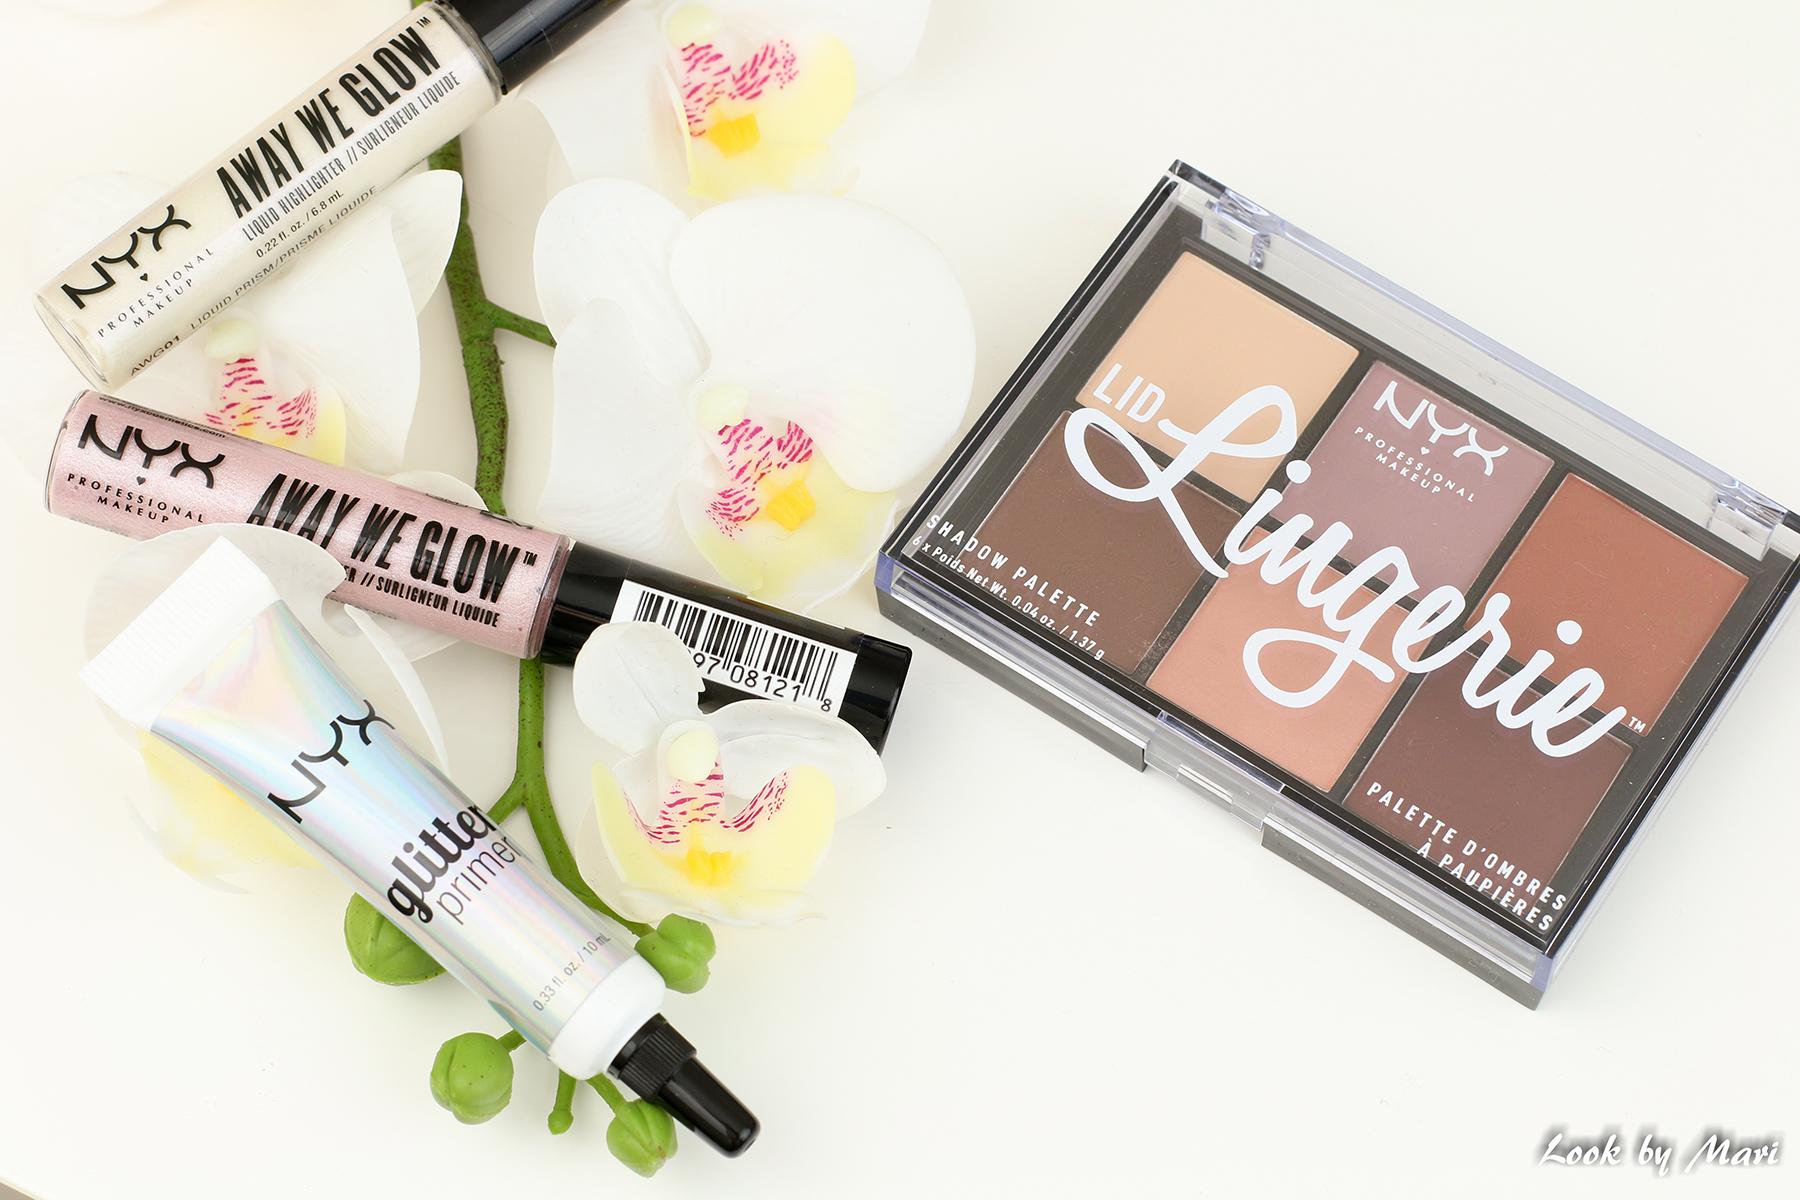 5 nyx glitter primer nyx lid lingerie shadow palette review kokemuksia blog blogi